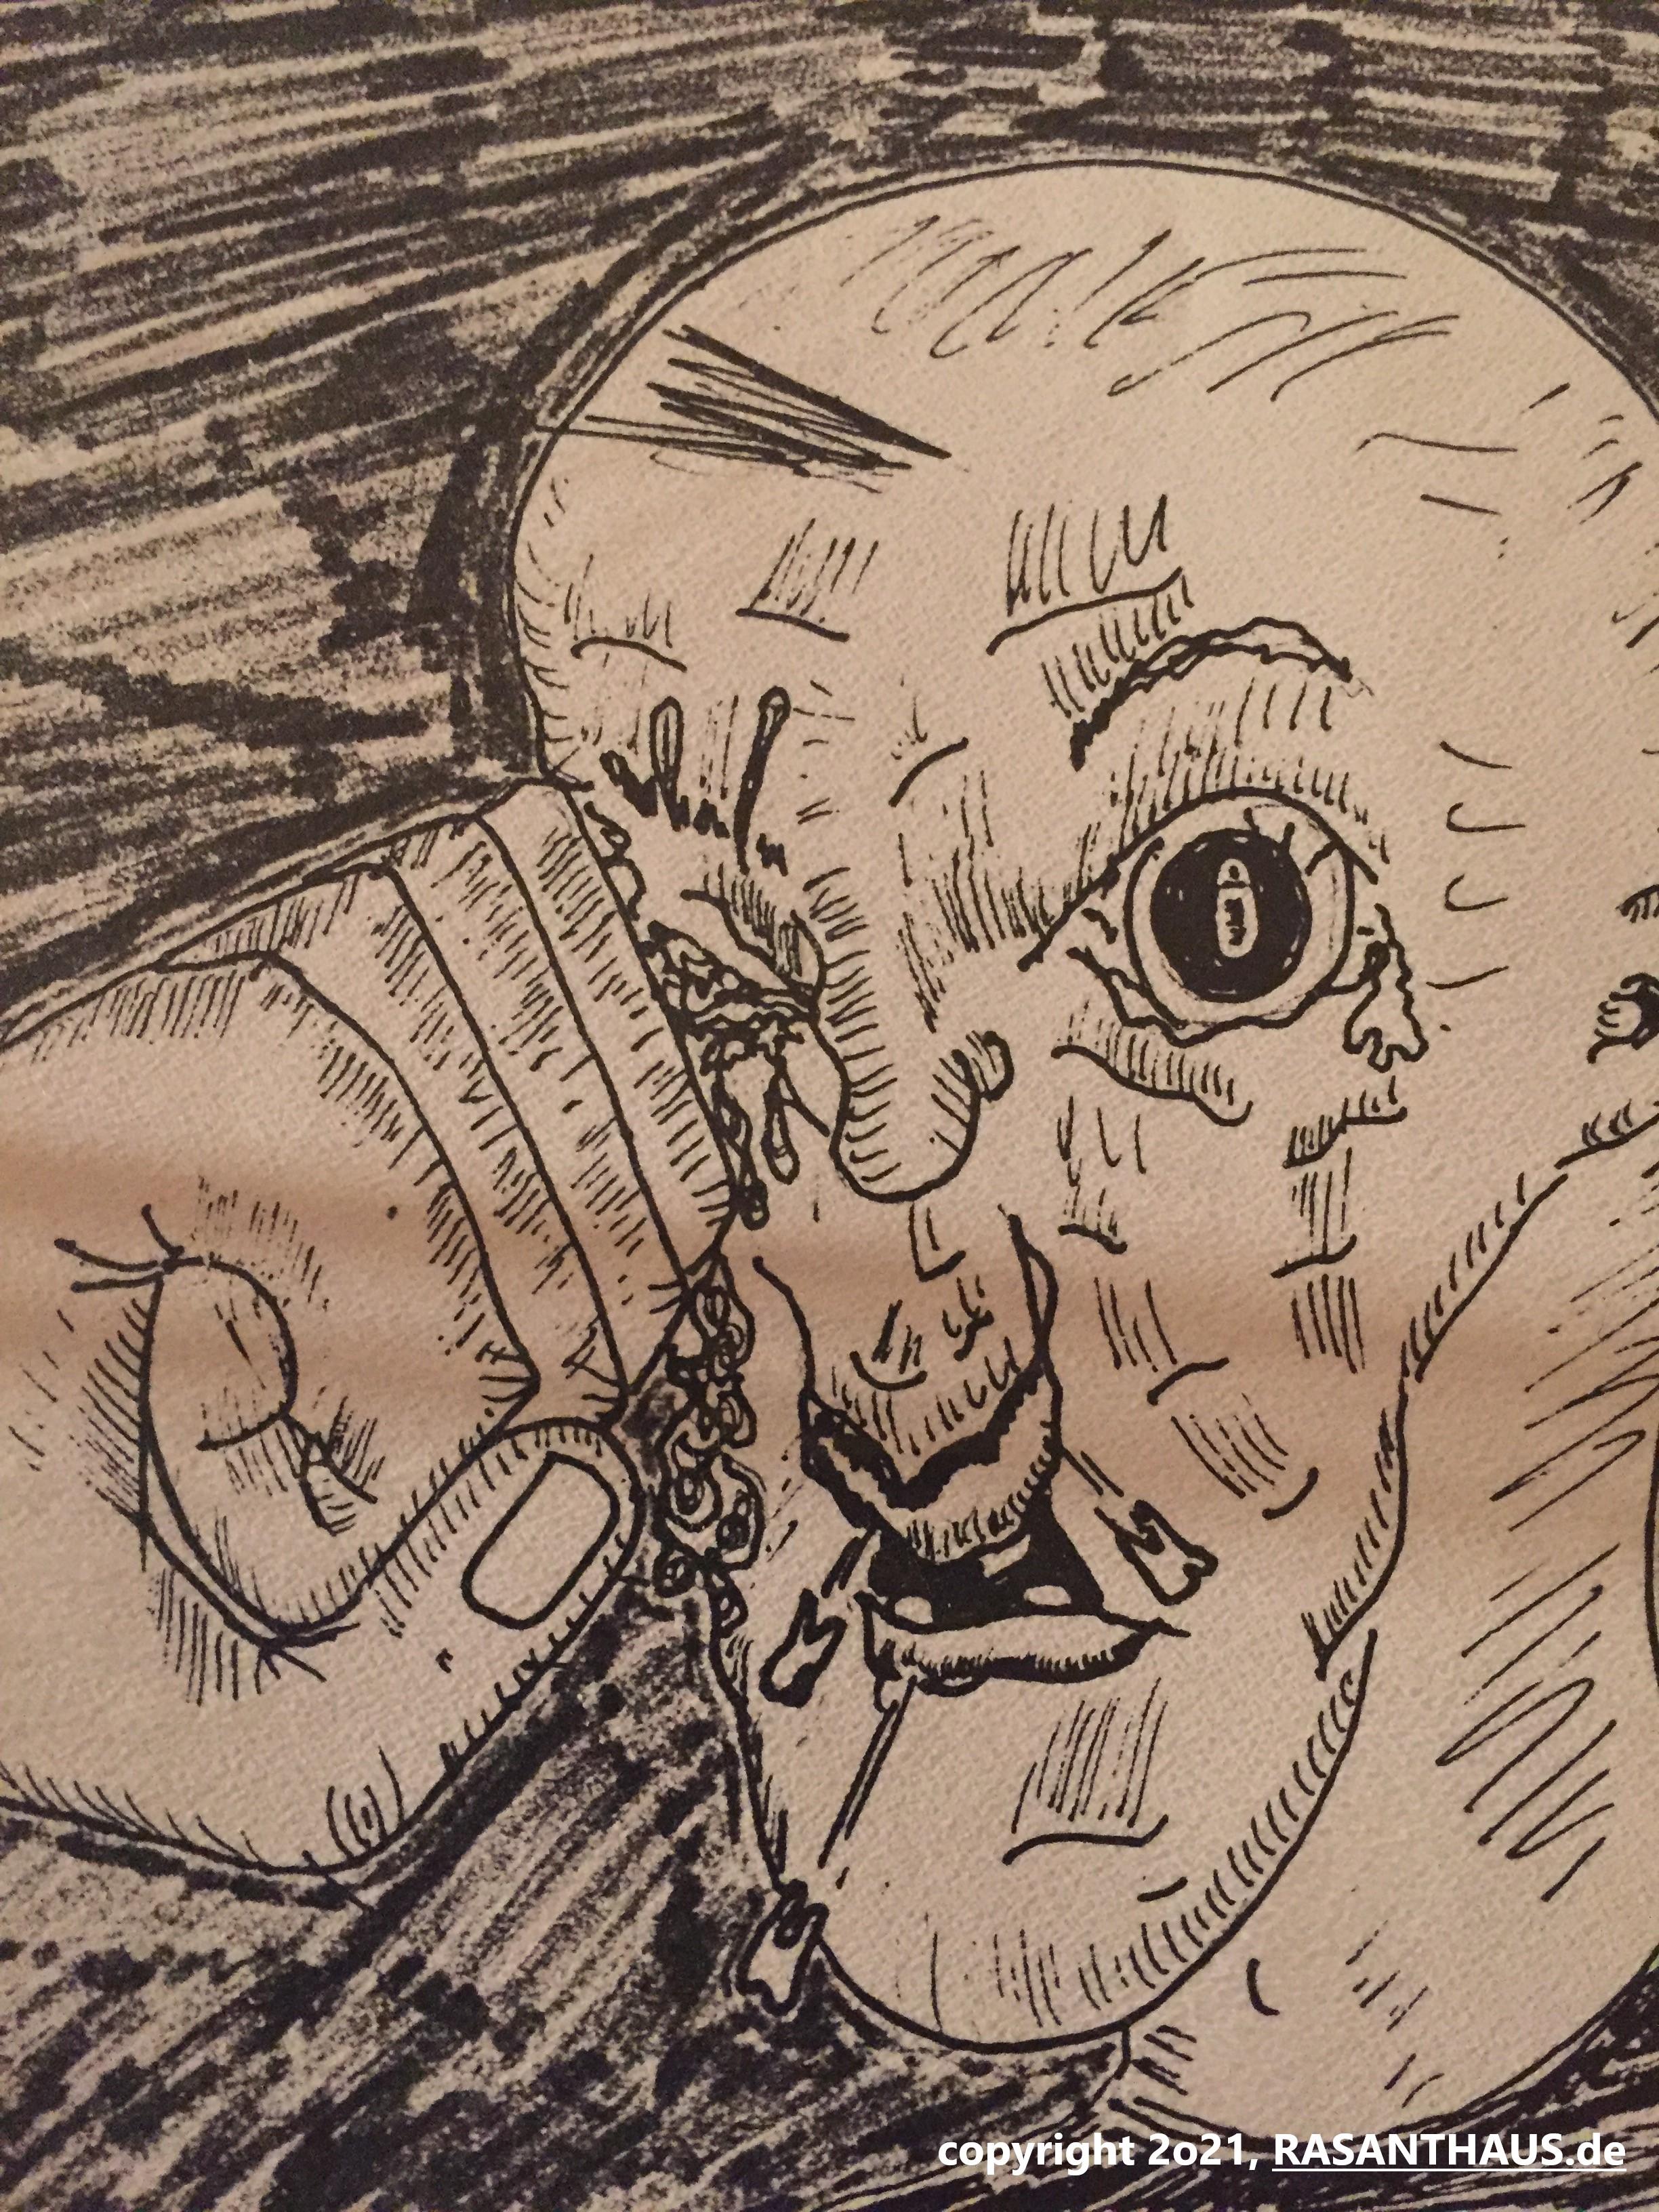 eine Comicszene in Zeitlupe 'Faust rast in rechte Gesichtshälfte des Gegenübers' direkt aufs Auge. Trotzallem fliegen Zähne aus 'Preis nach V. B.' ist in der DTP-Nachbearbeitung